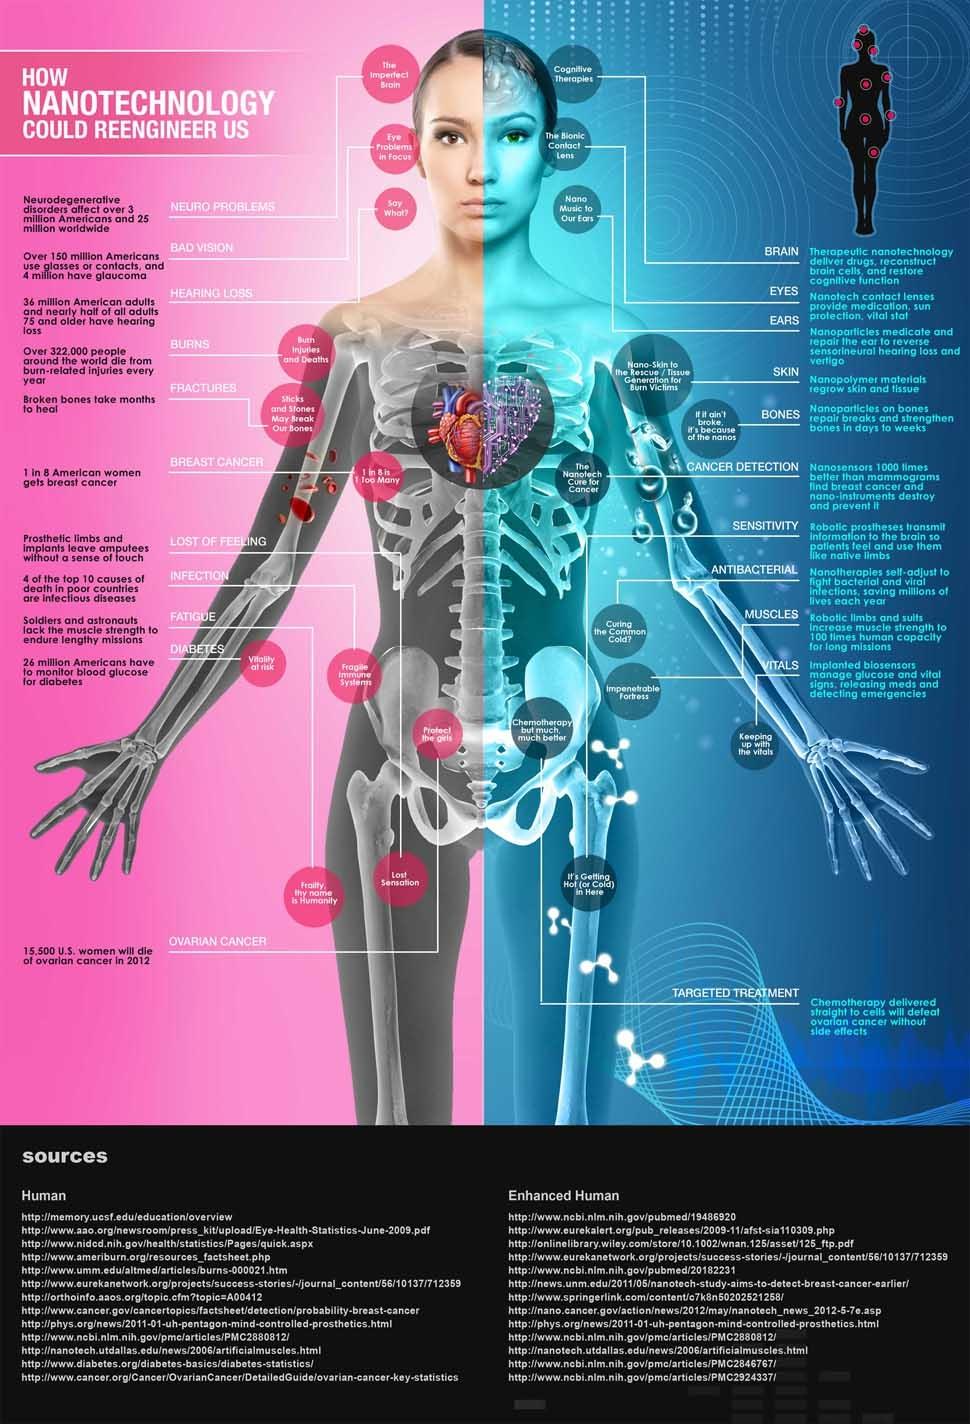 Este infográfico muestra cómo la nanotecnología podría transformar (y curar) nuestros cuerpos